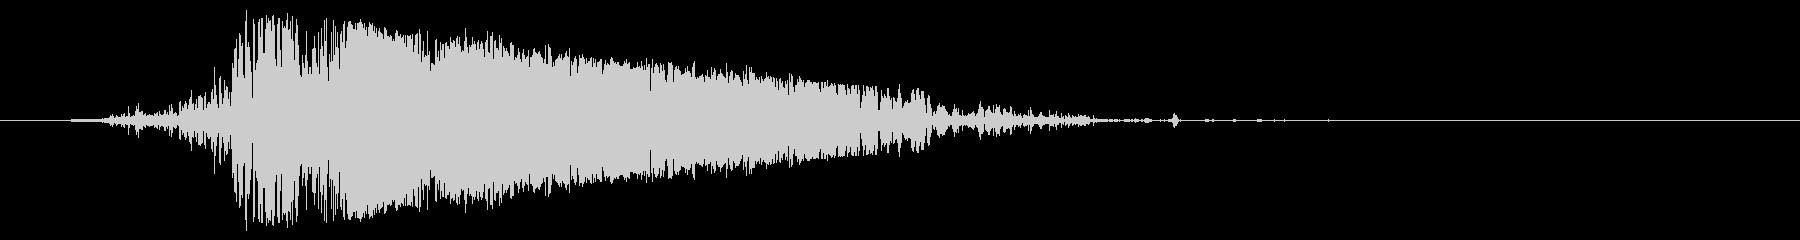 ブシュッ(格闘ゲームなどで使える斬撃音)の未再生の波形